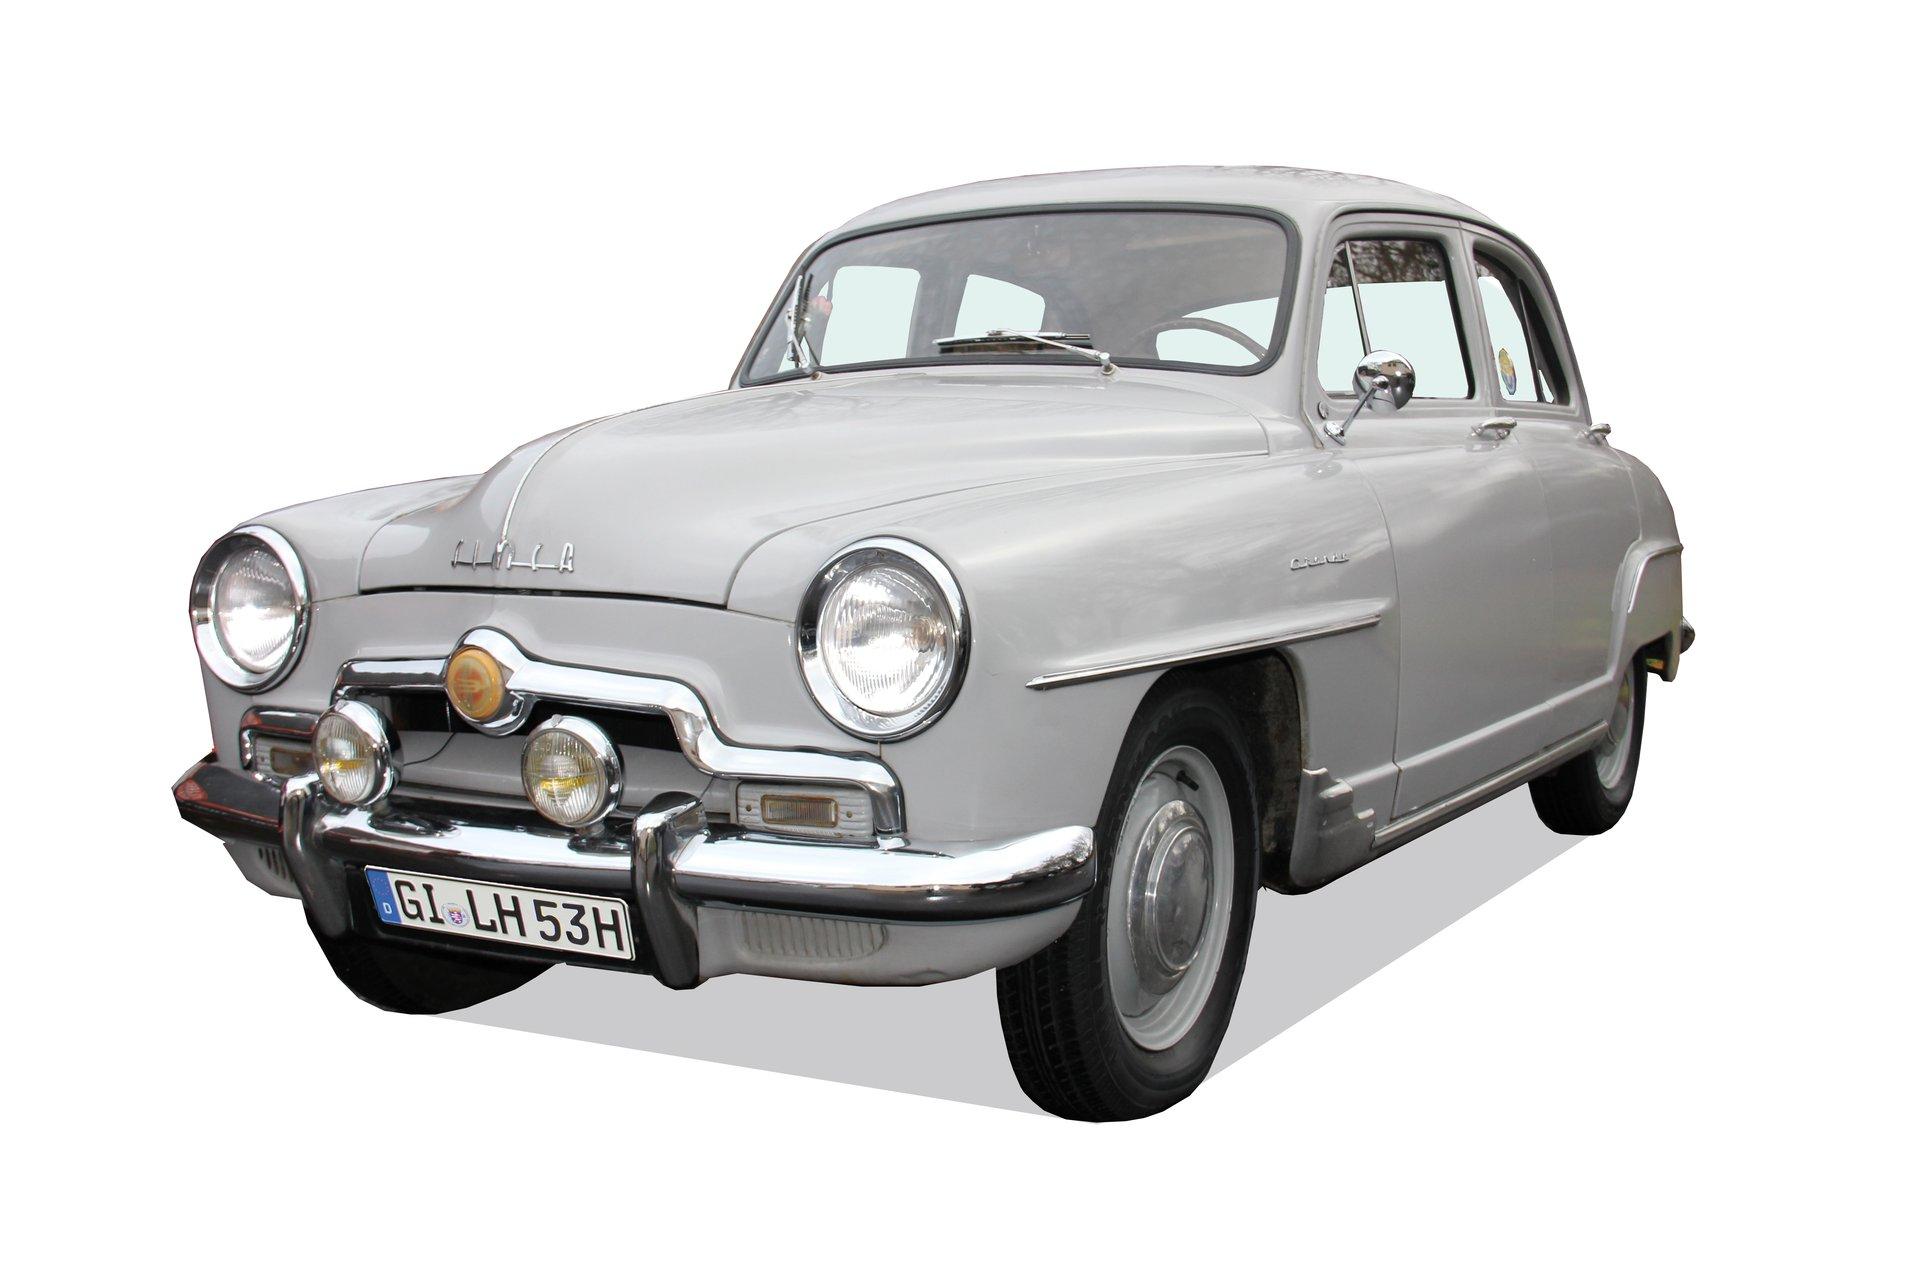 Die Aronde von Simca, ein origineller Klassiker, den man selbst in Frankreich nicht mehr alle Tage sieht.